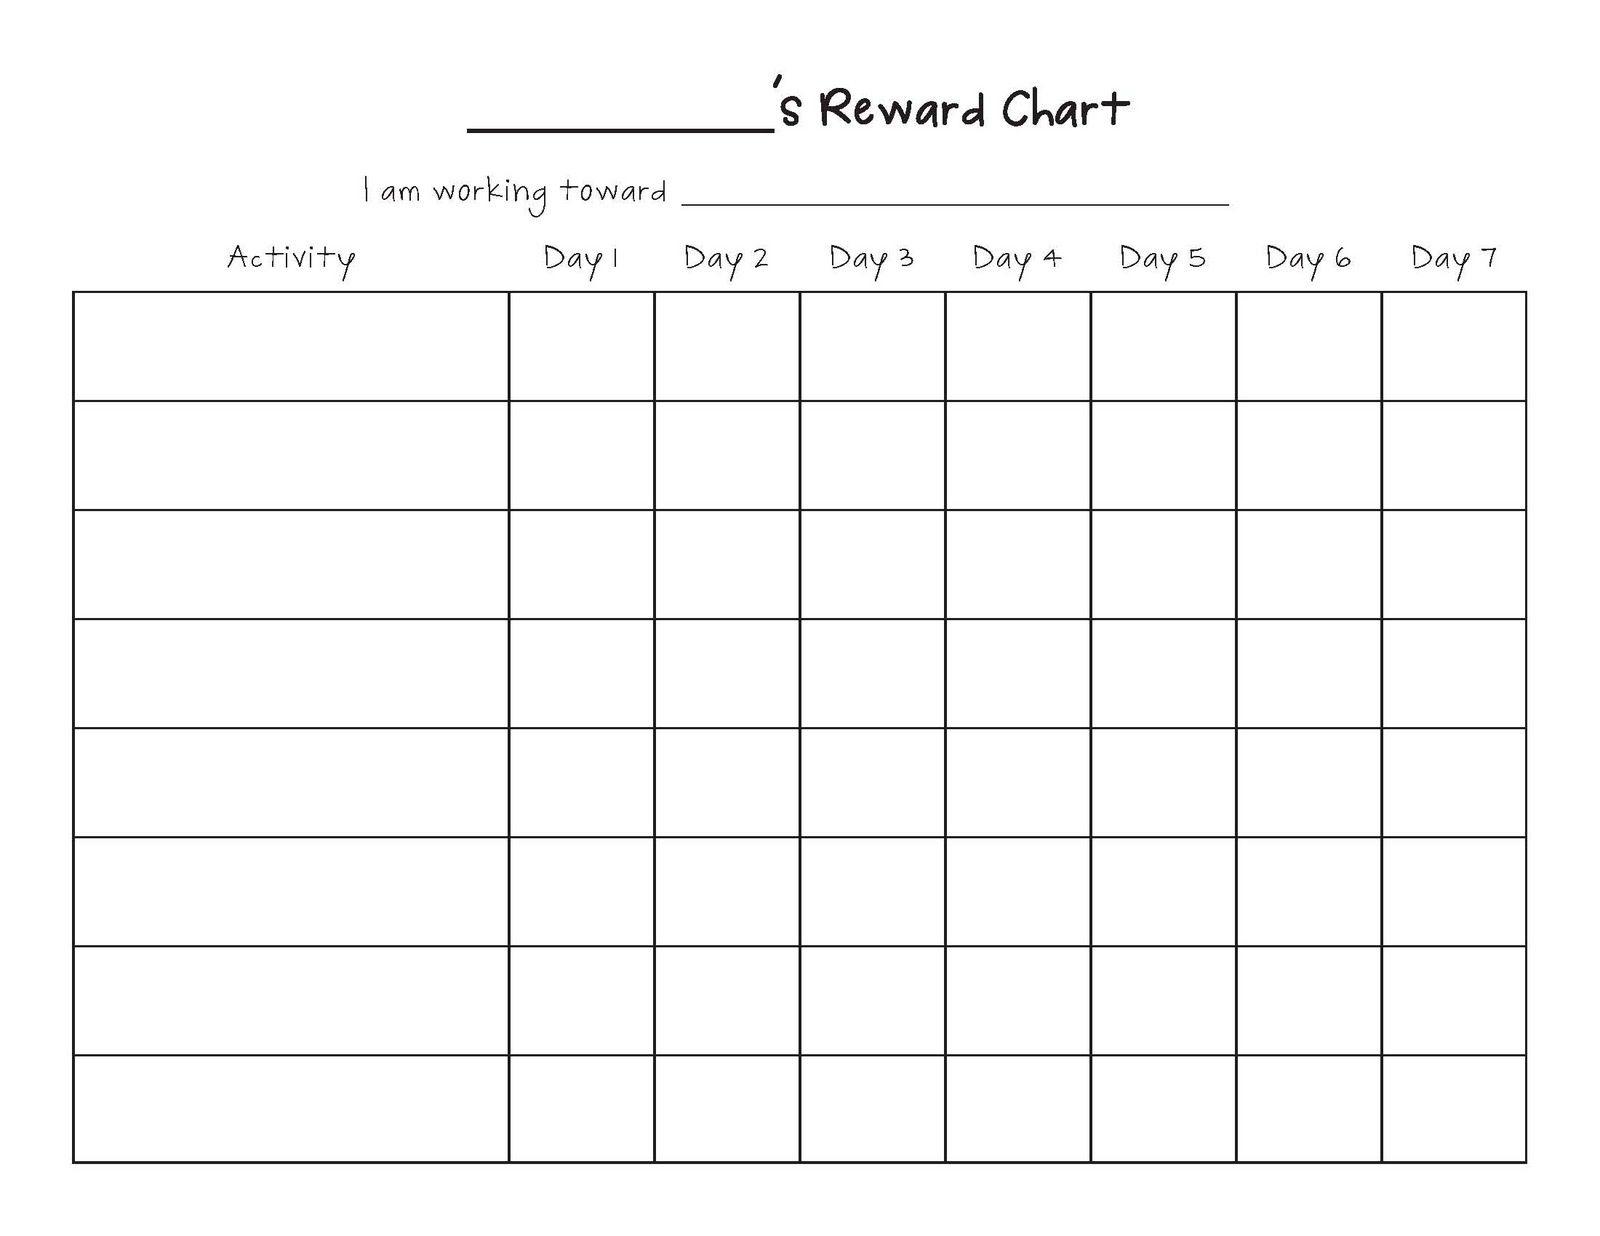 Free Printable Blank Charts | Printable Blank Charts Image Search - Free Printable Reward Charts